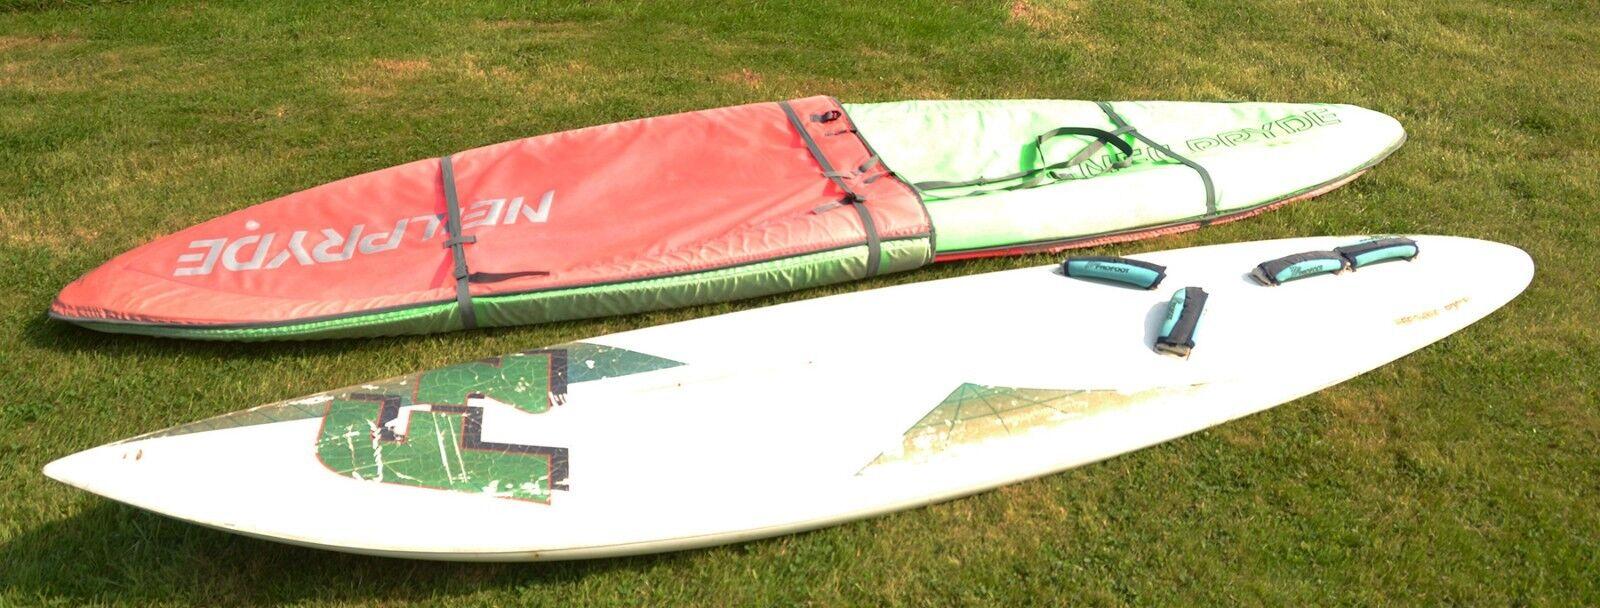 F2 315 Shortboard Windsurf board